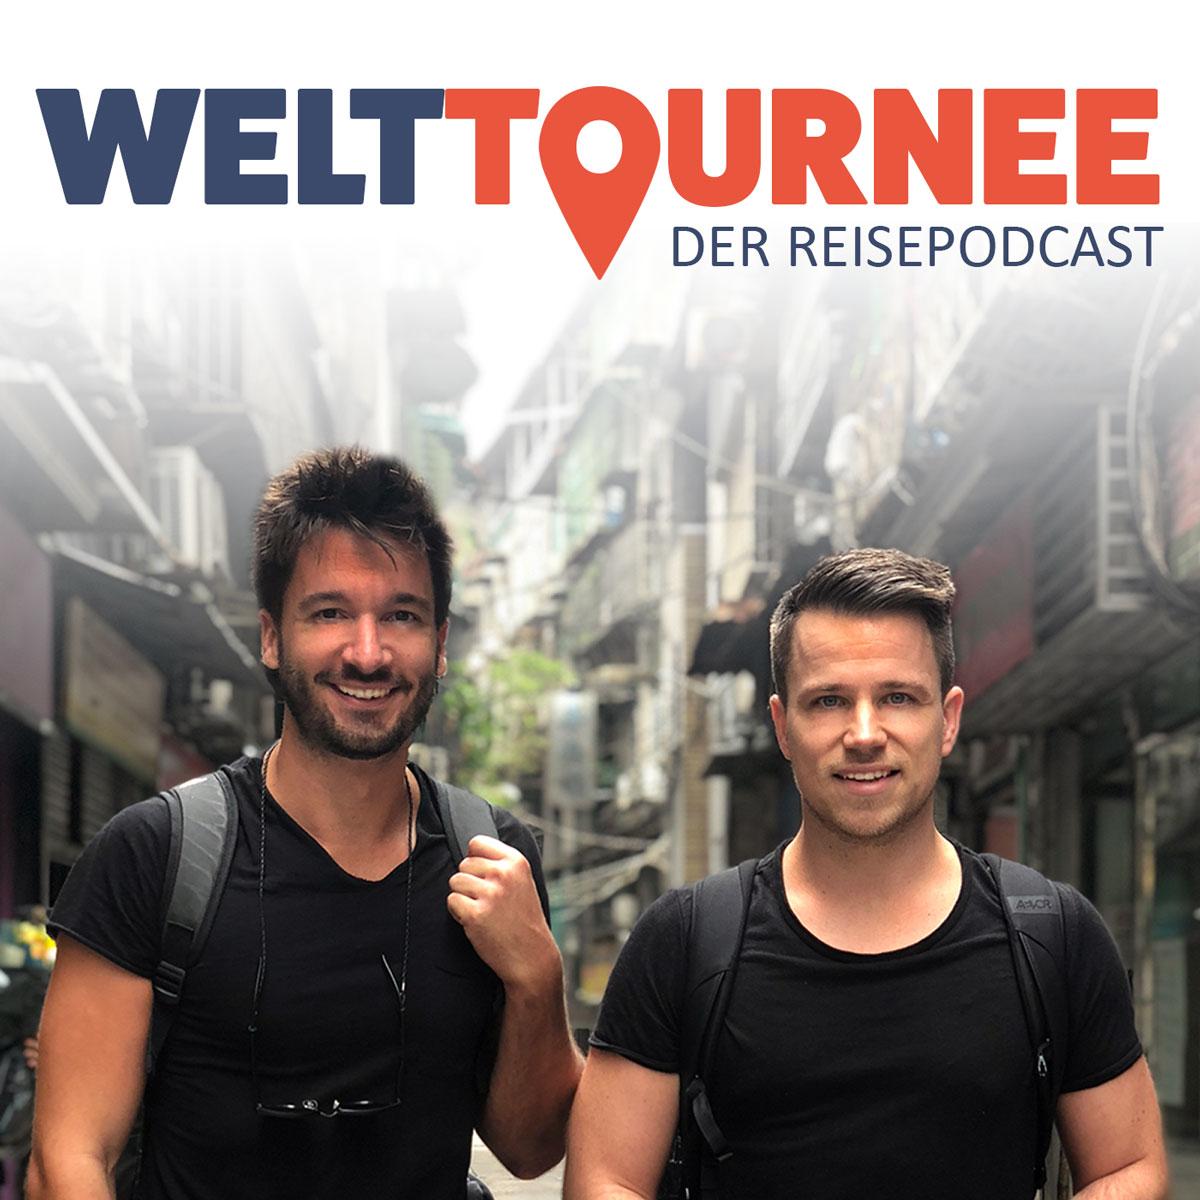 Welttournee Logo Presse